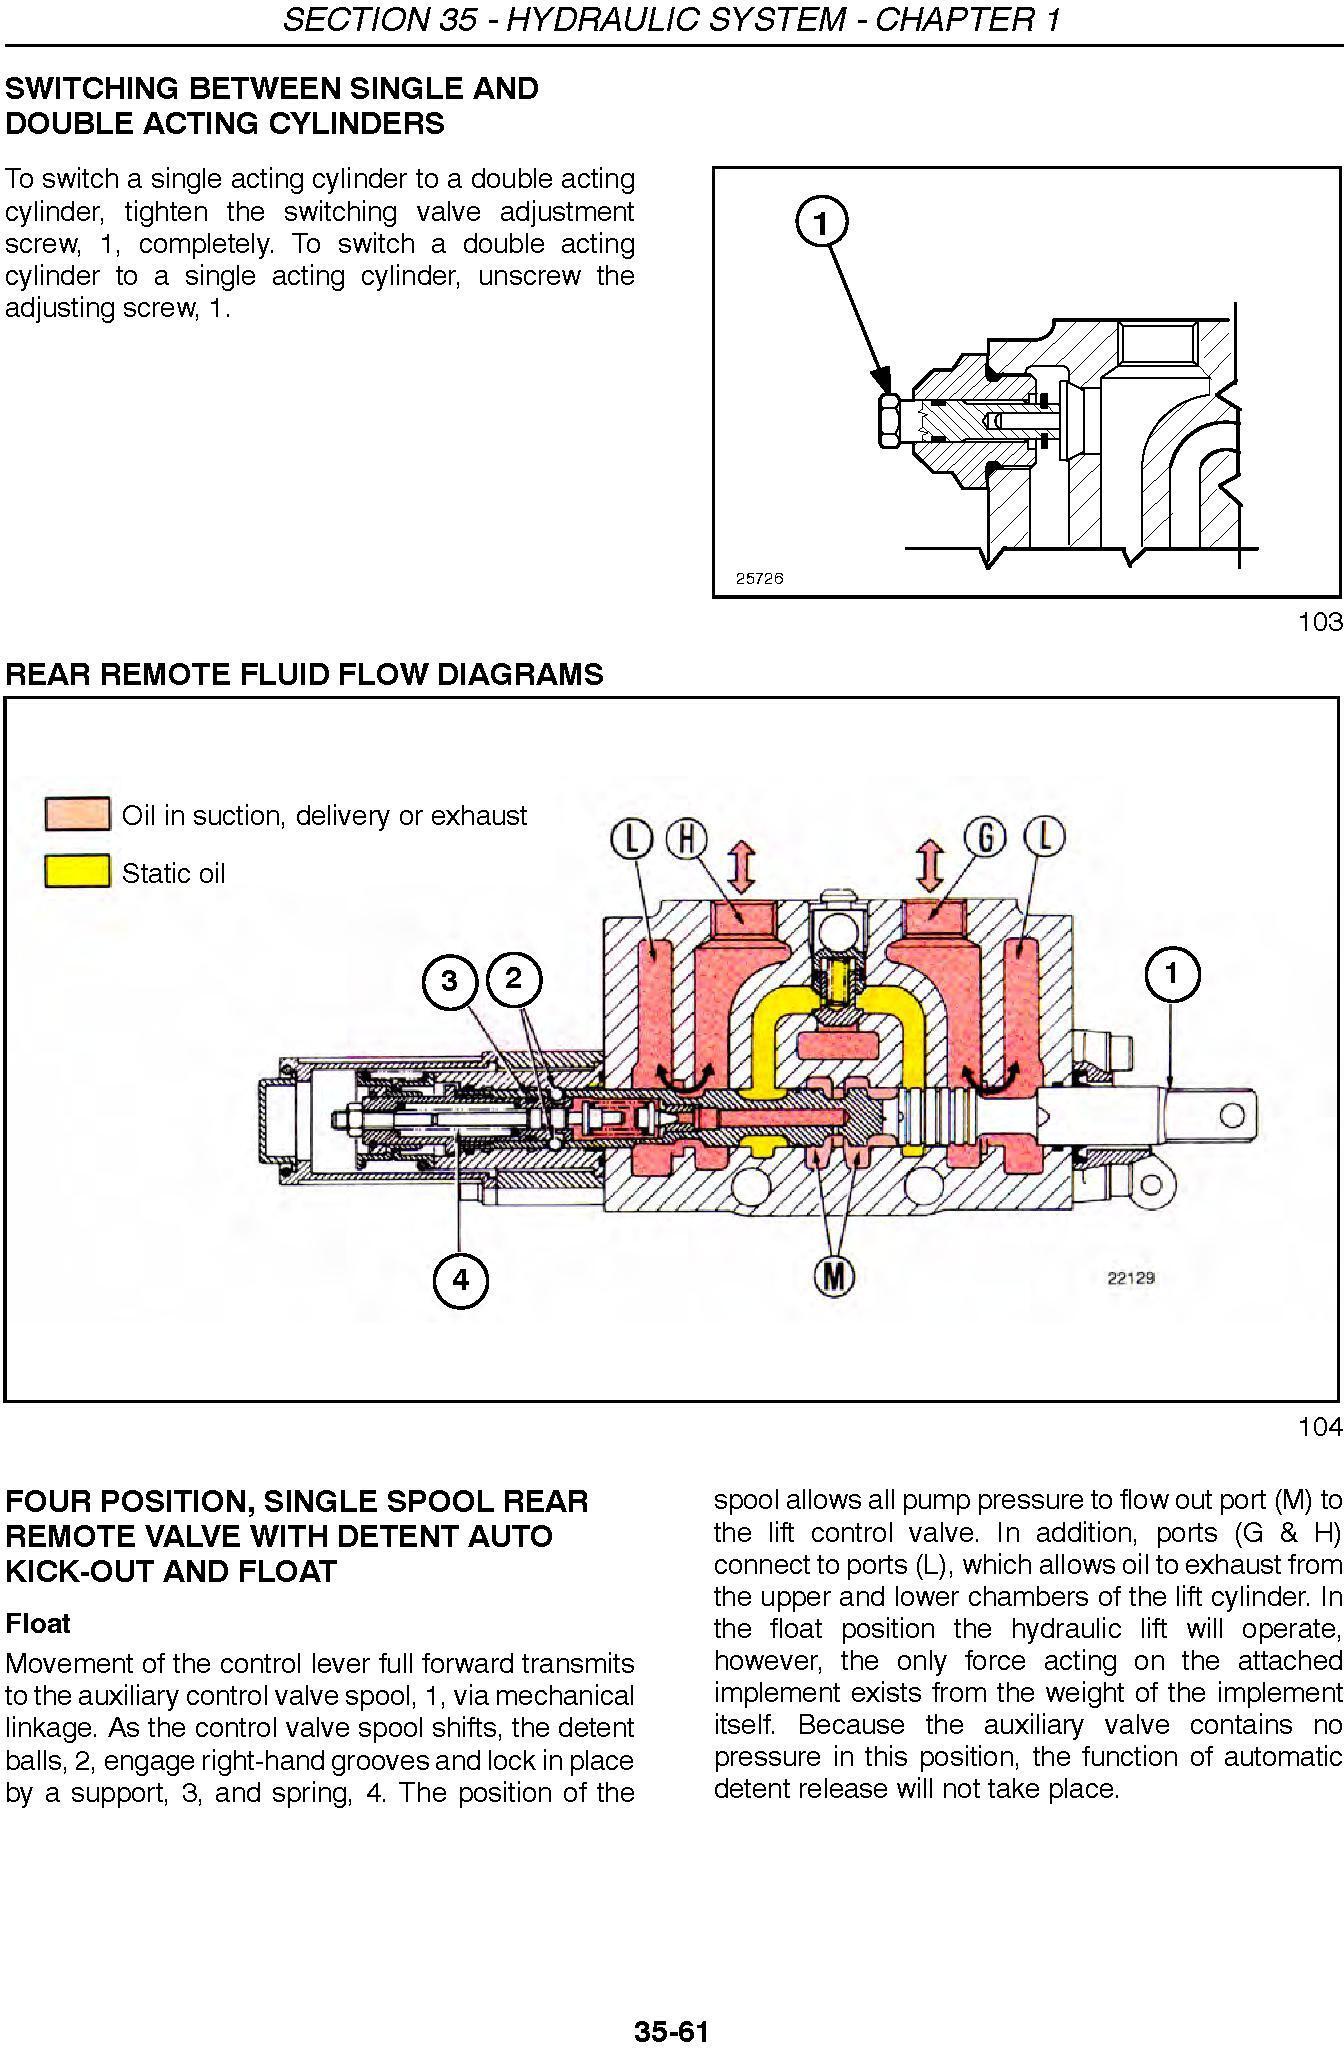 New Holland TC48DA, TC55DA Compact Tractor Complete Service Manual - 1